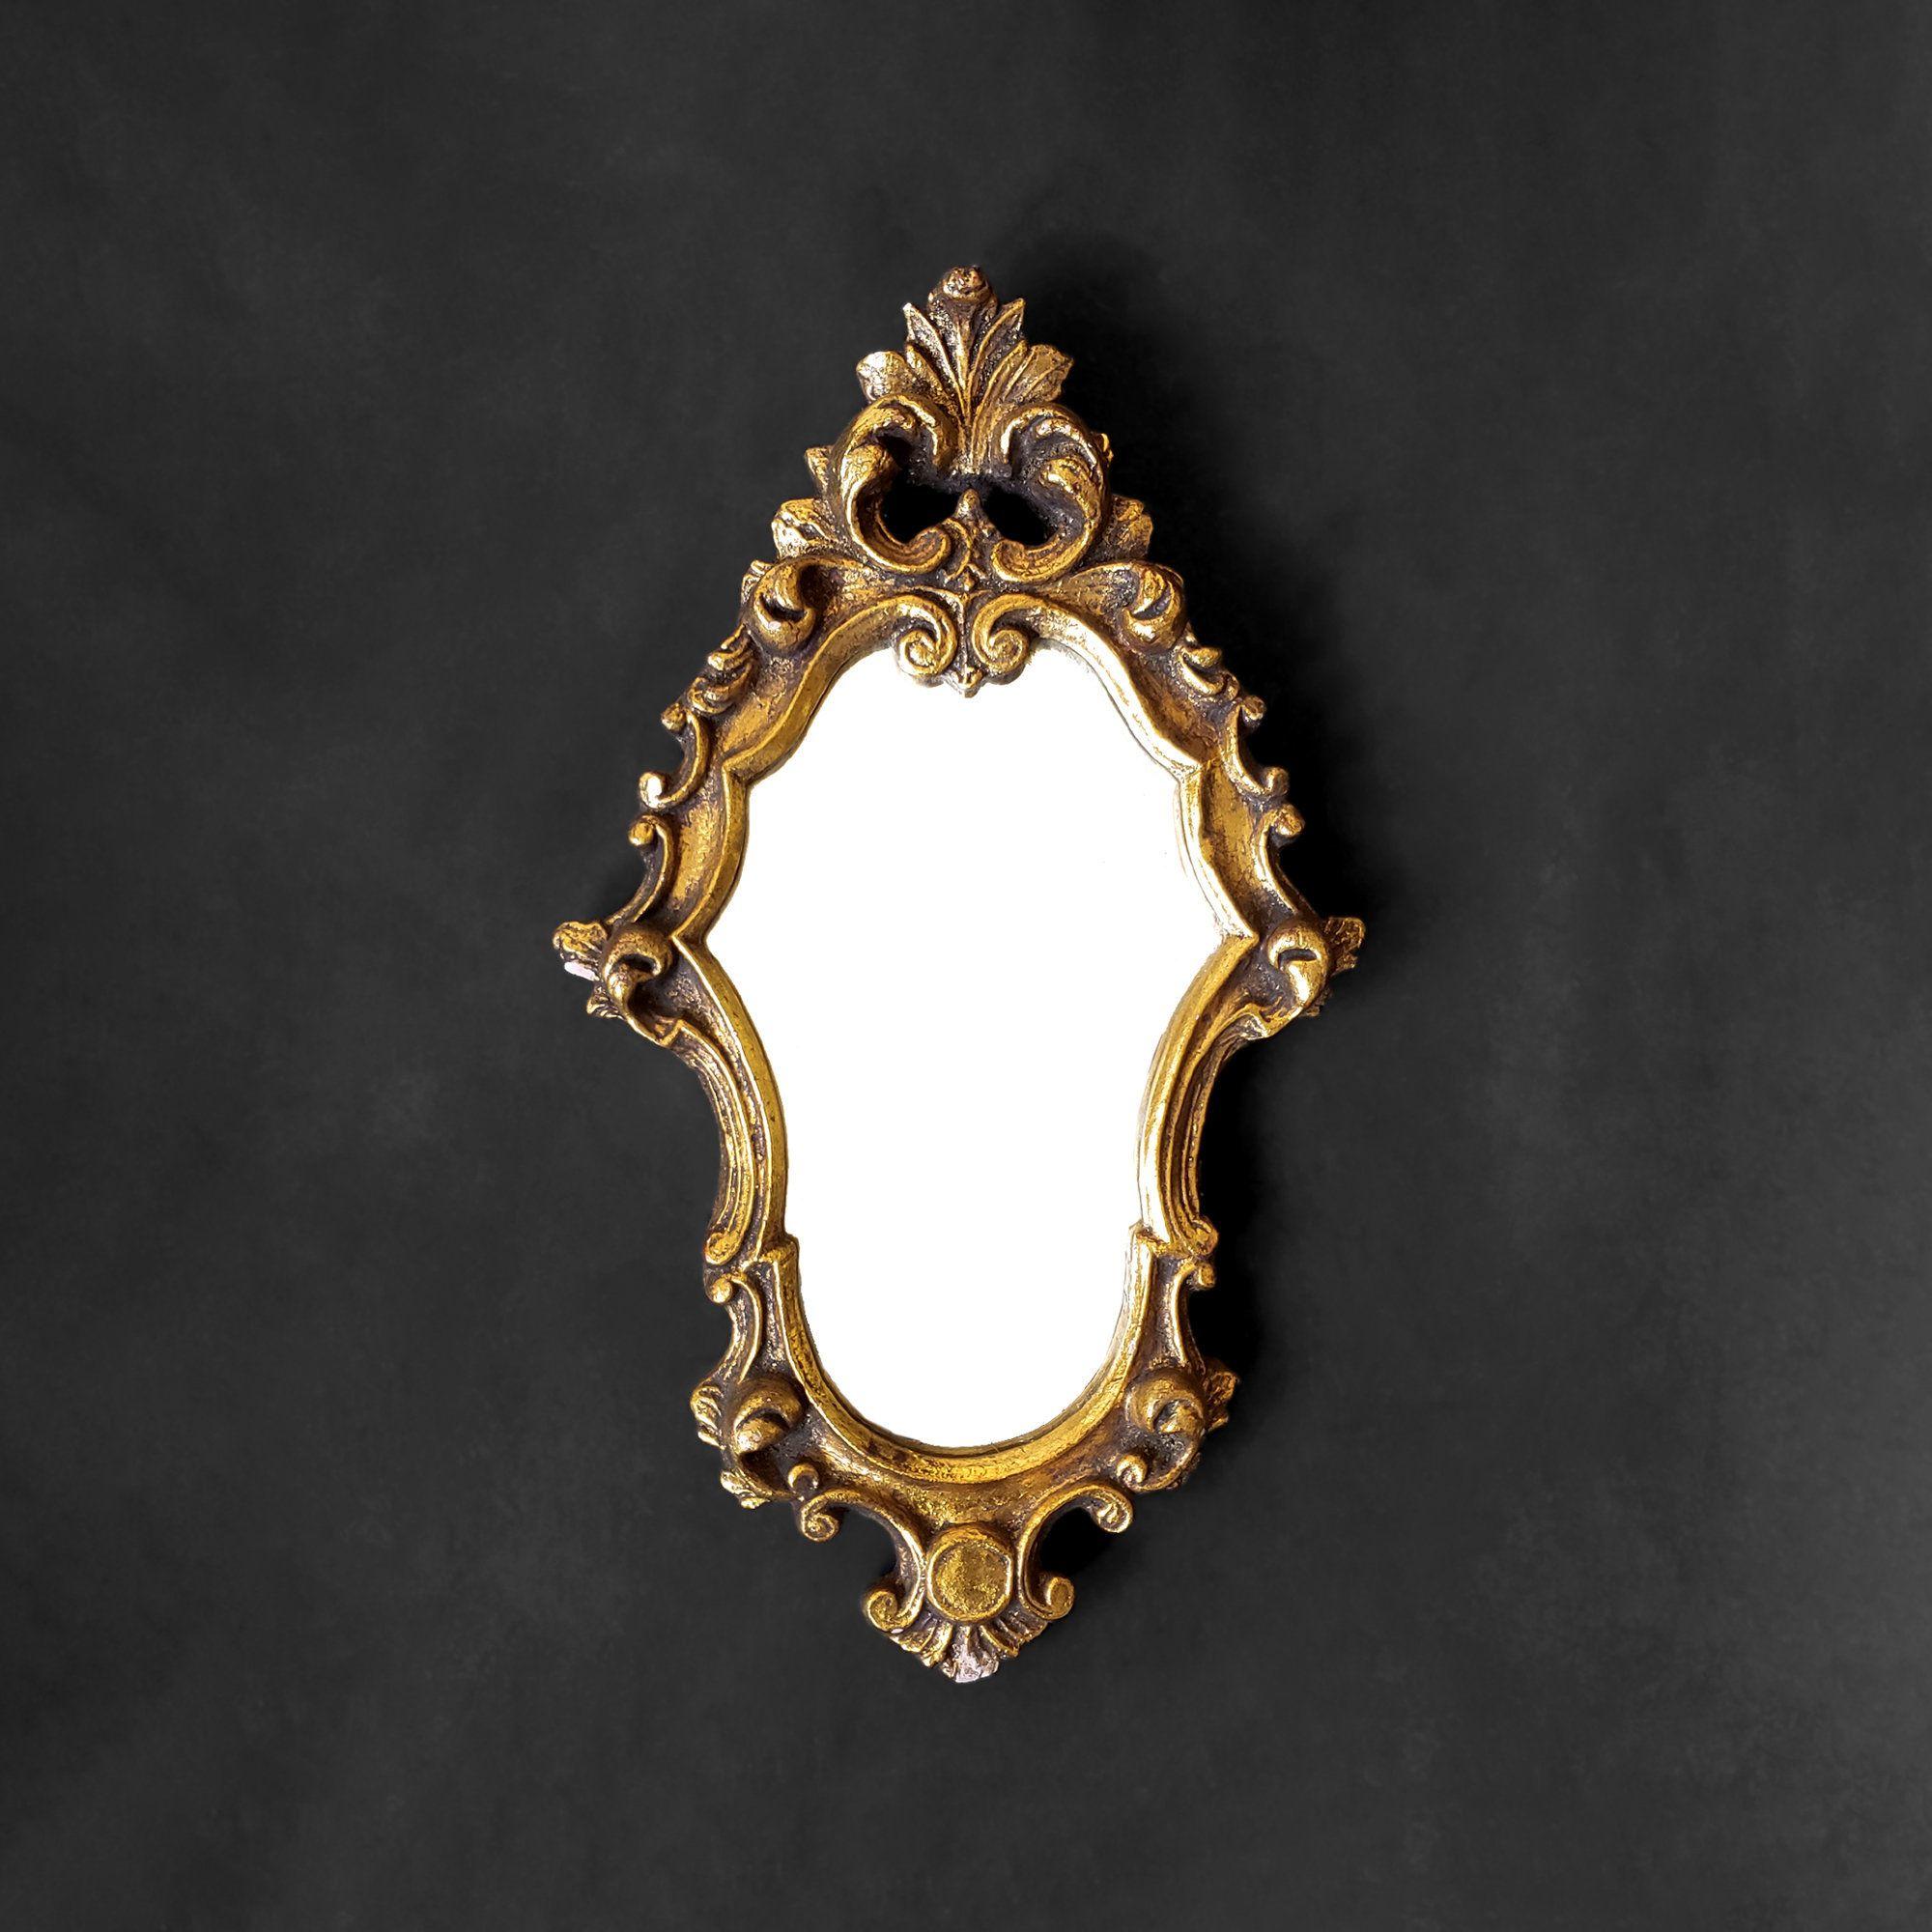 Small Gold Accent Mirror Ornate Distressed Italian Mirror